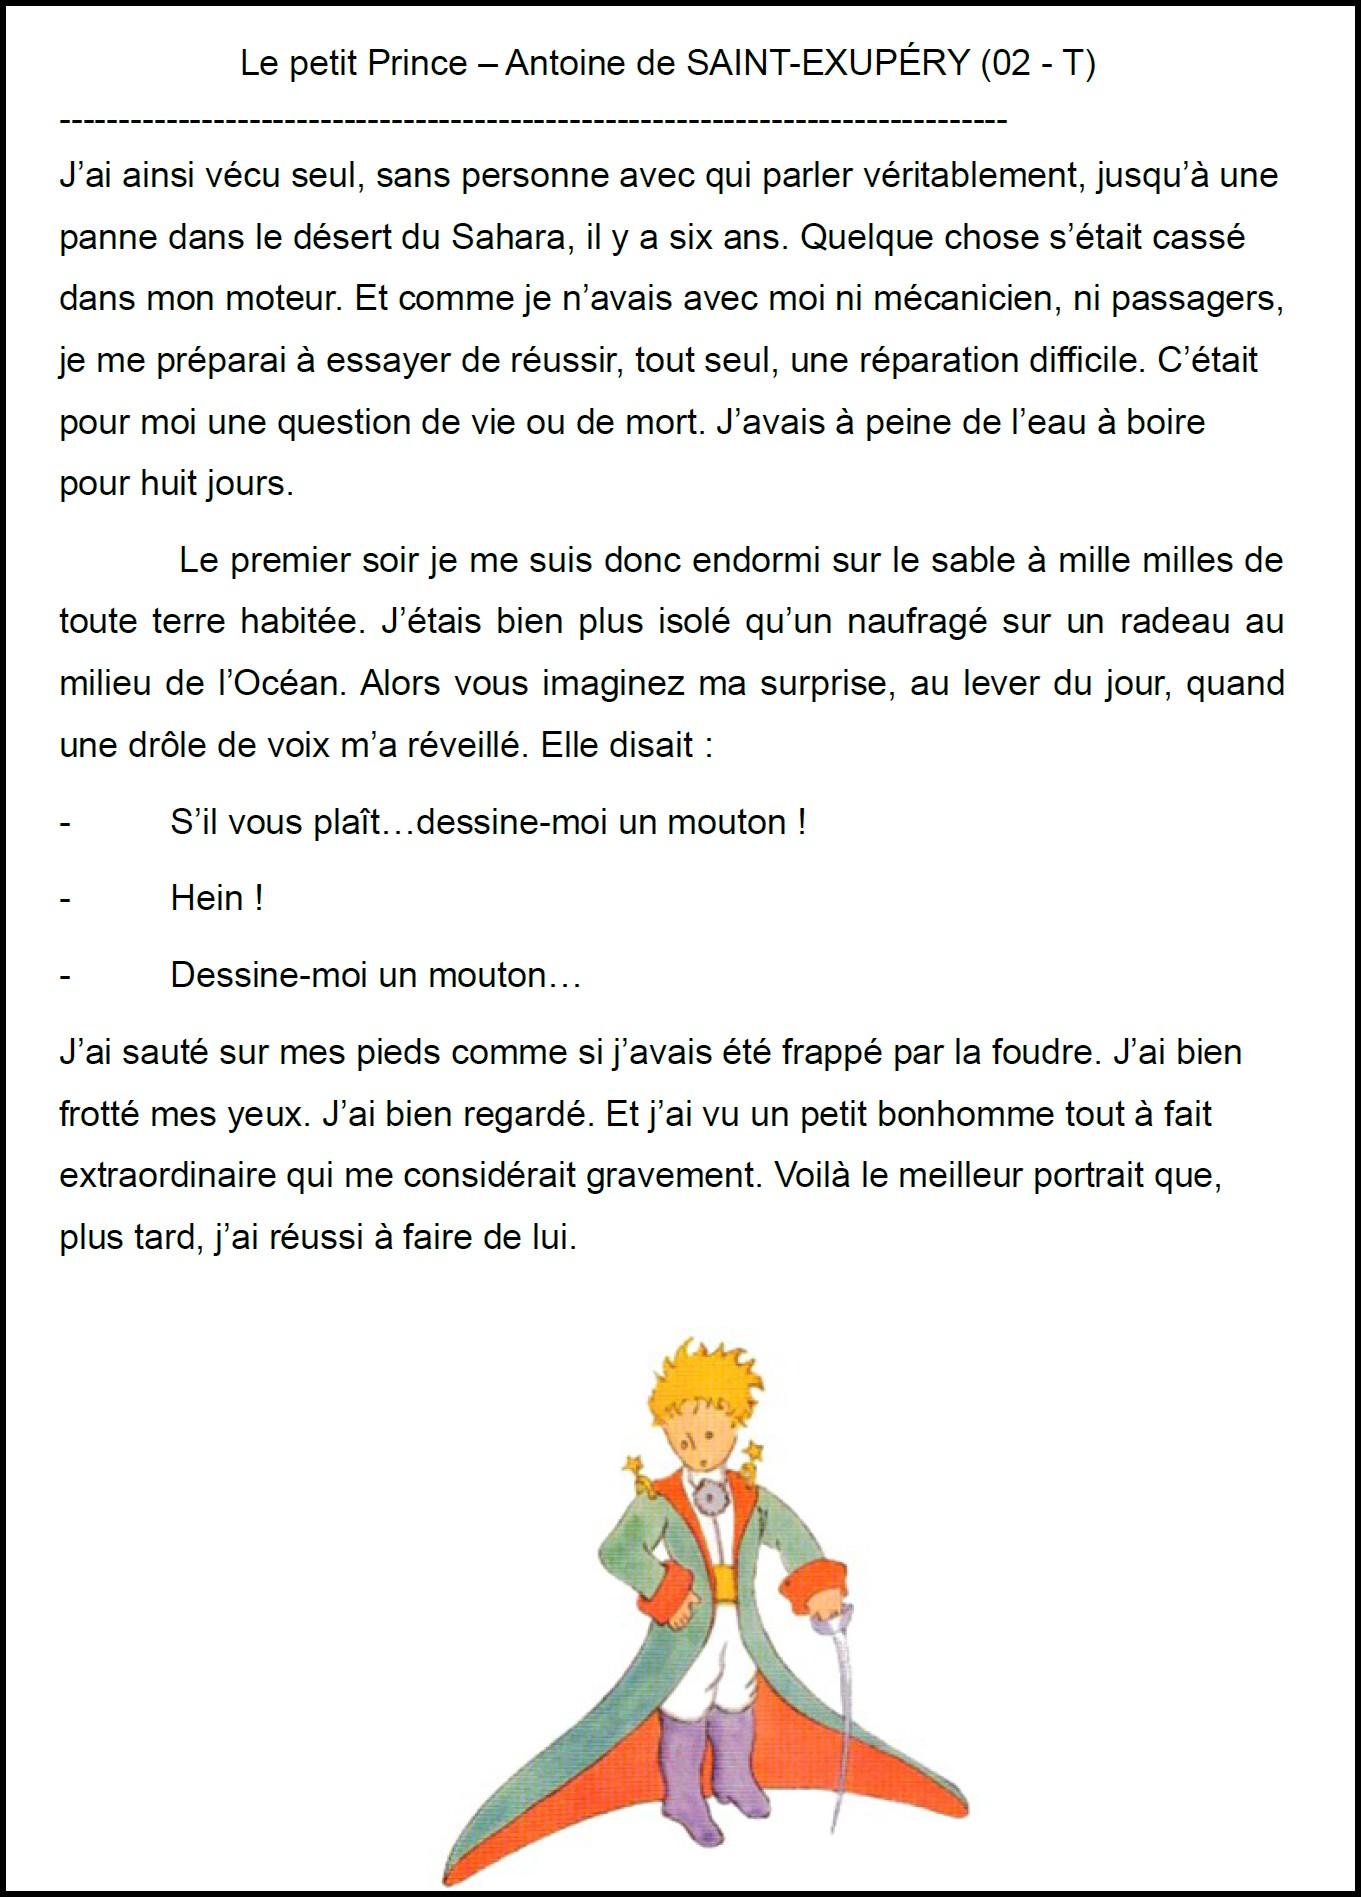 Le Petit Prince Mimiclass